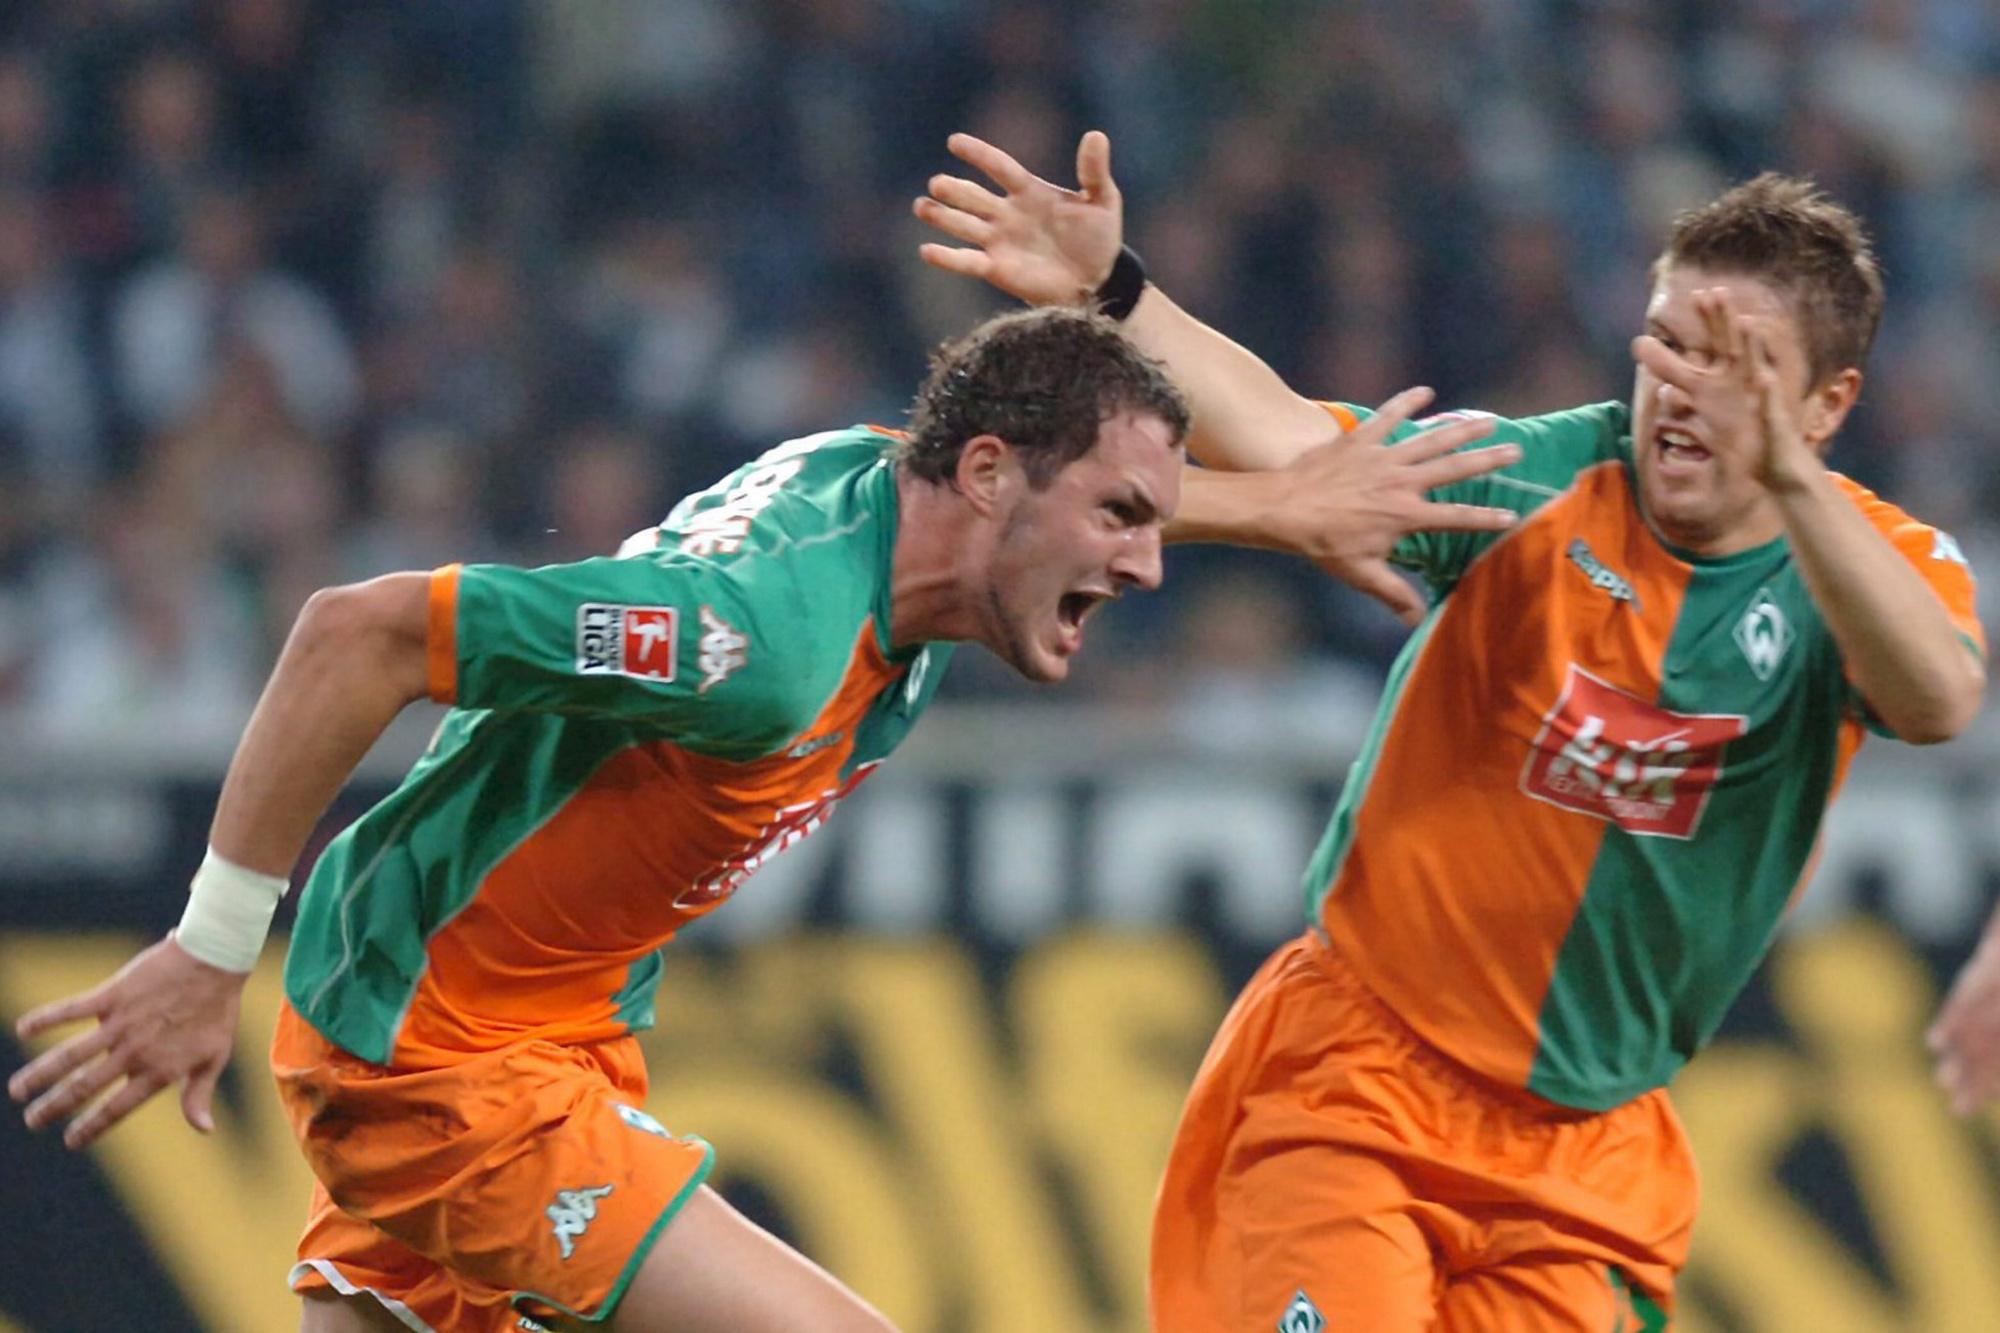 Van Damme célèbre le seul et unique but de sa carrière en Bundesliga, face à Mönchengladbach., belga